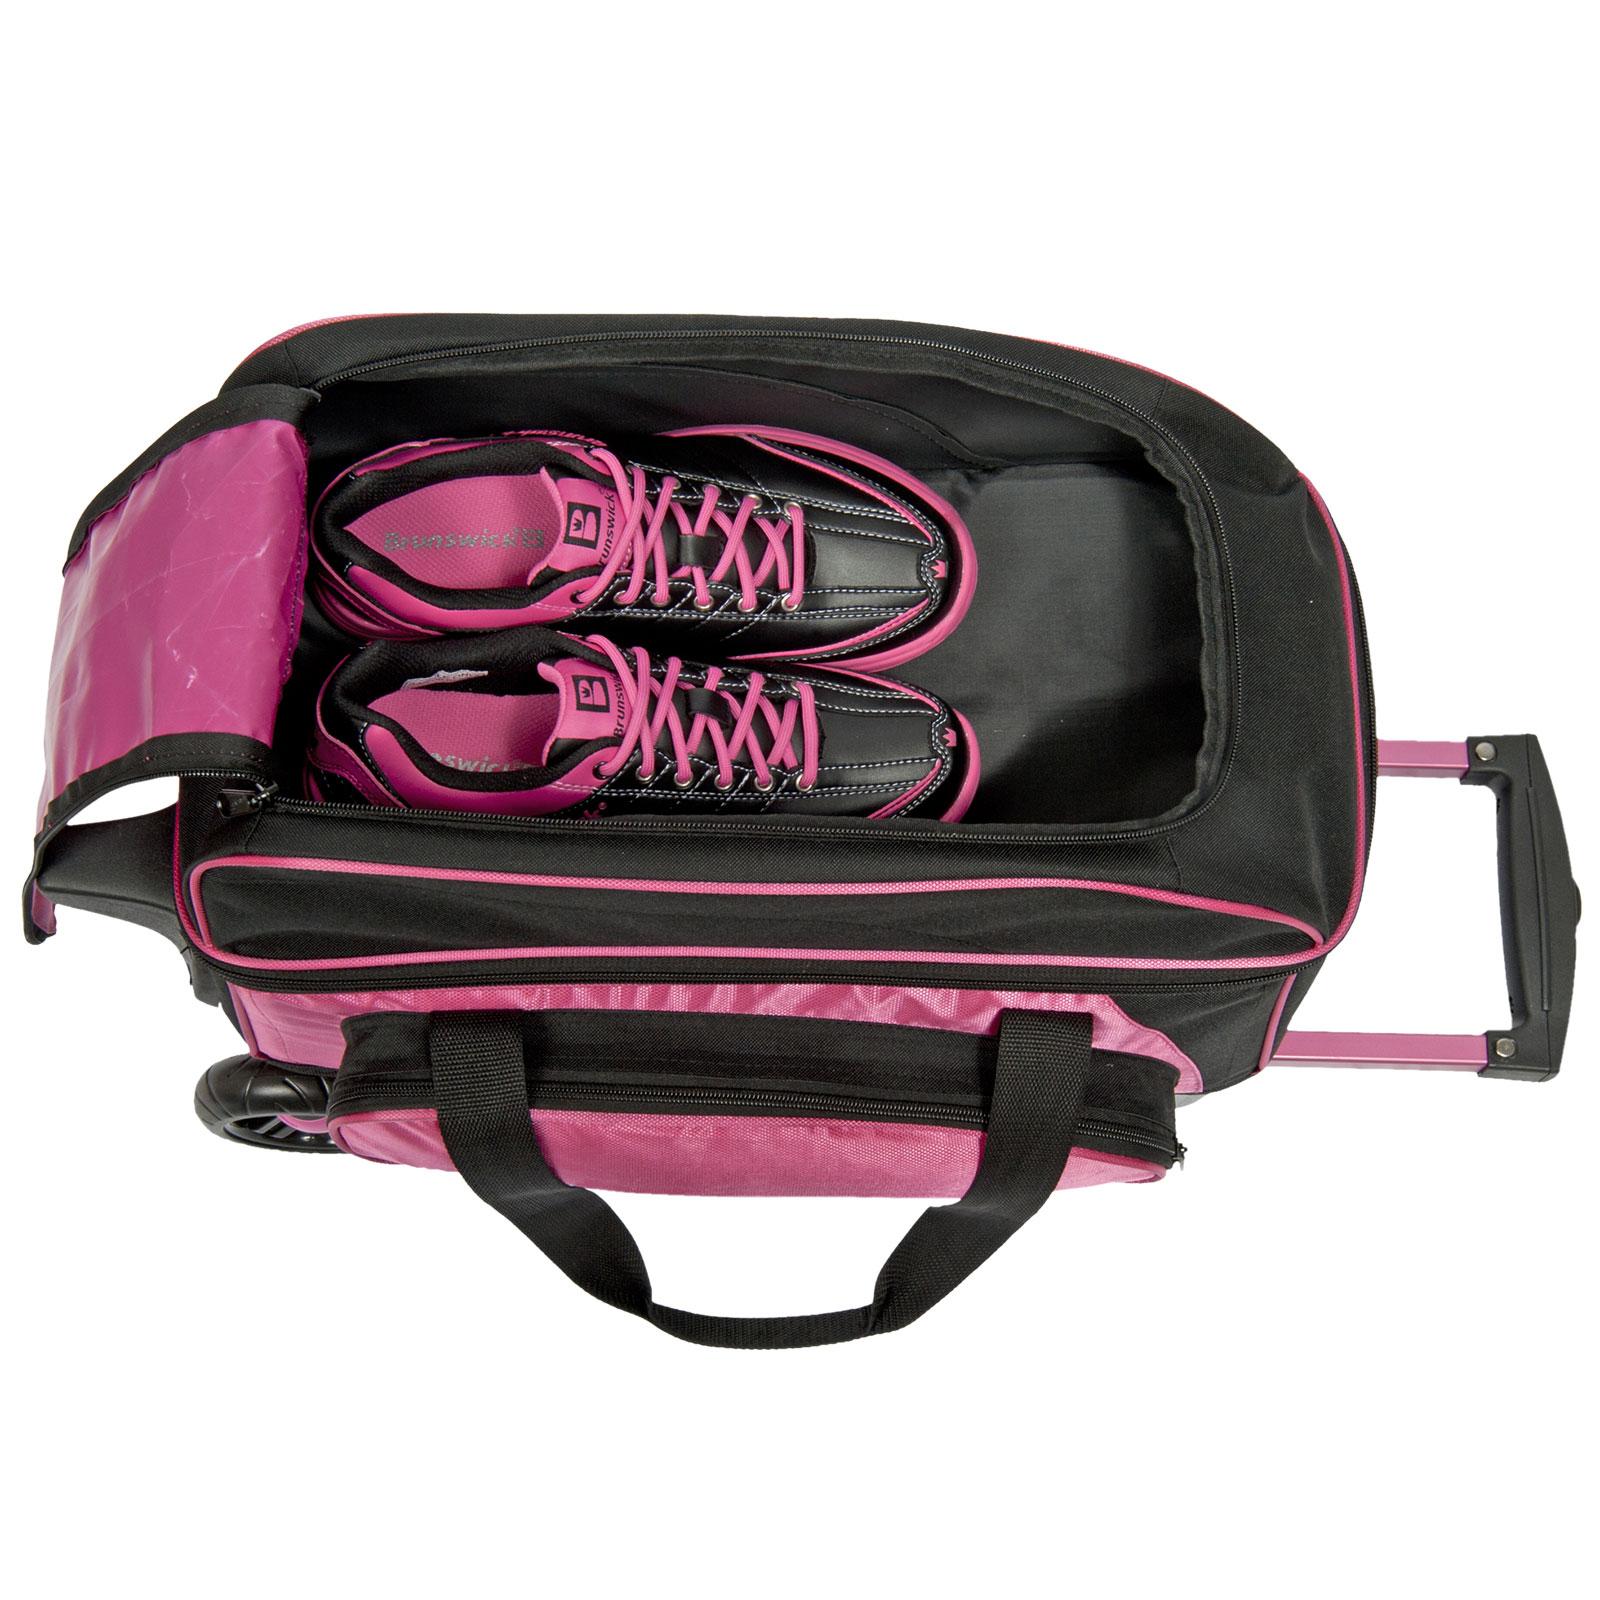 Bowling-Ball-Tasche-Double-Roller-Brunswick-Gear-Bag-Platz-fuer-Bowlingschuhe Indexbild 16